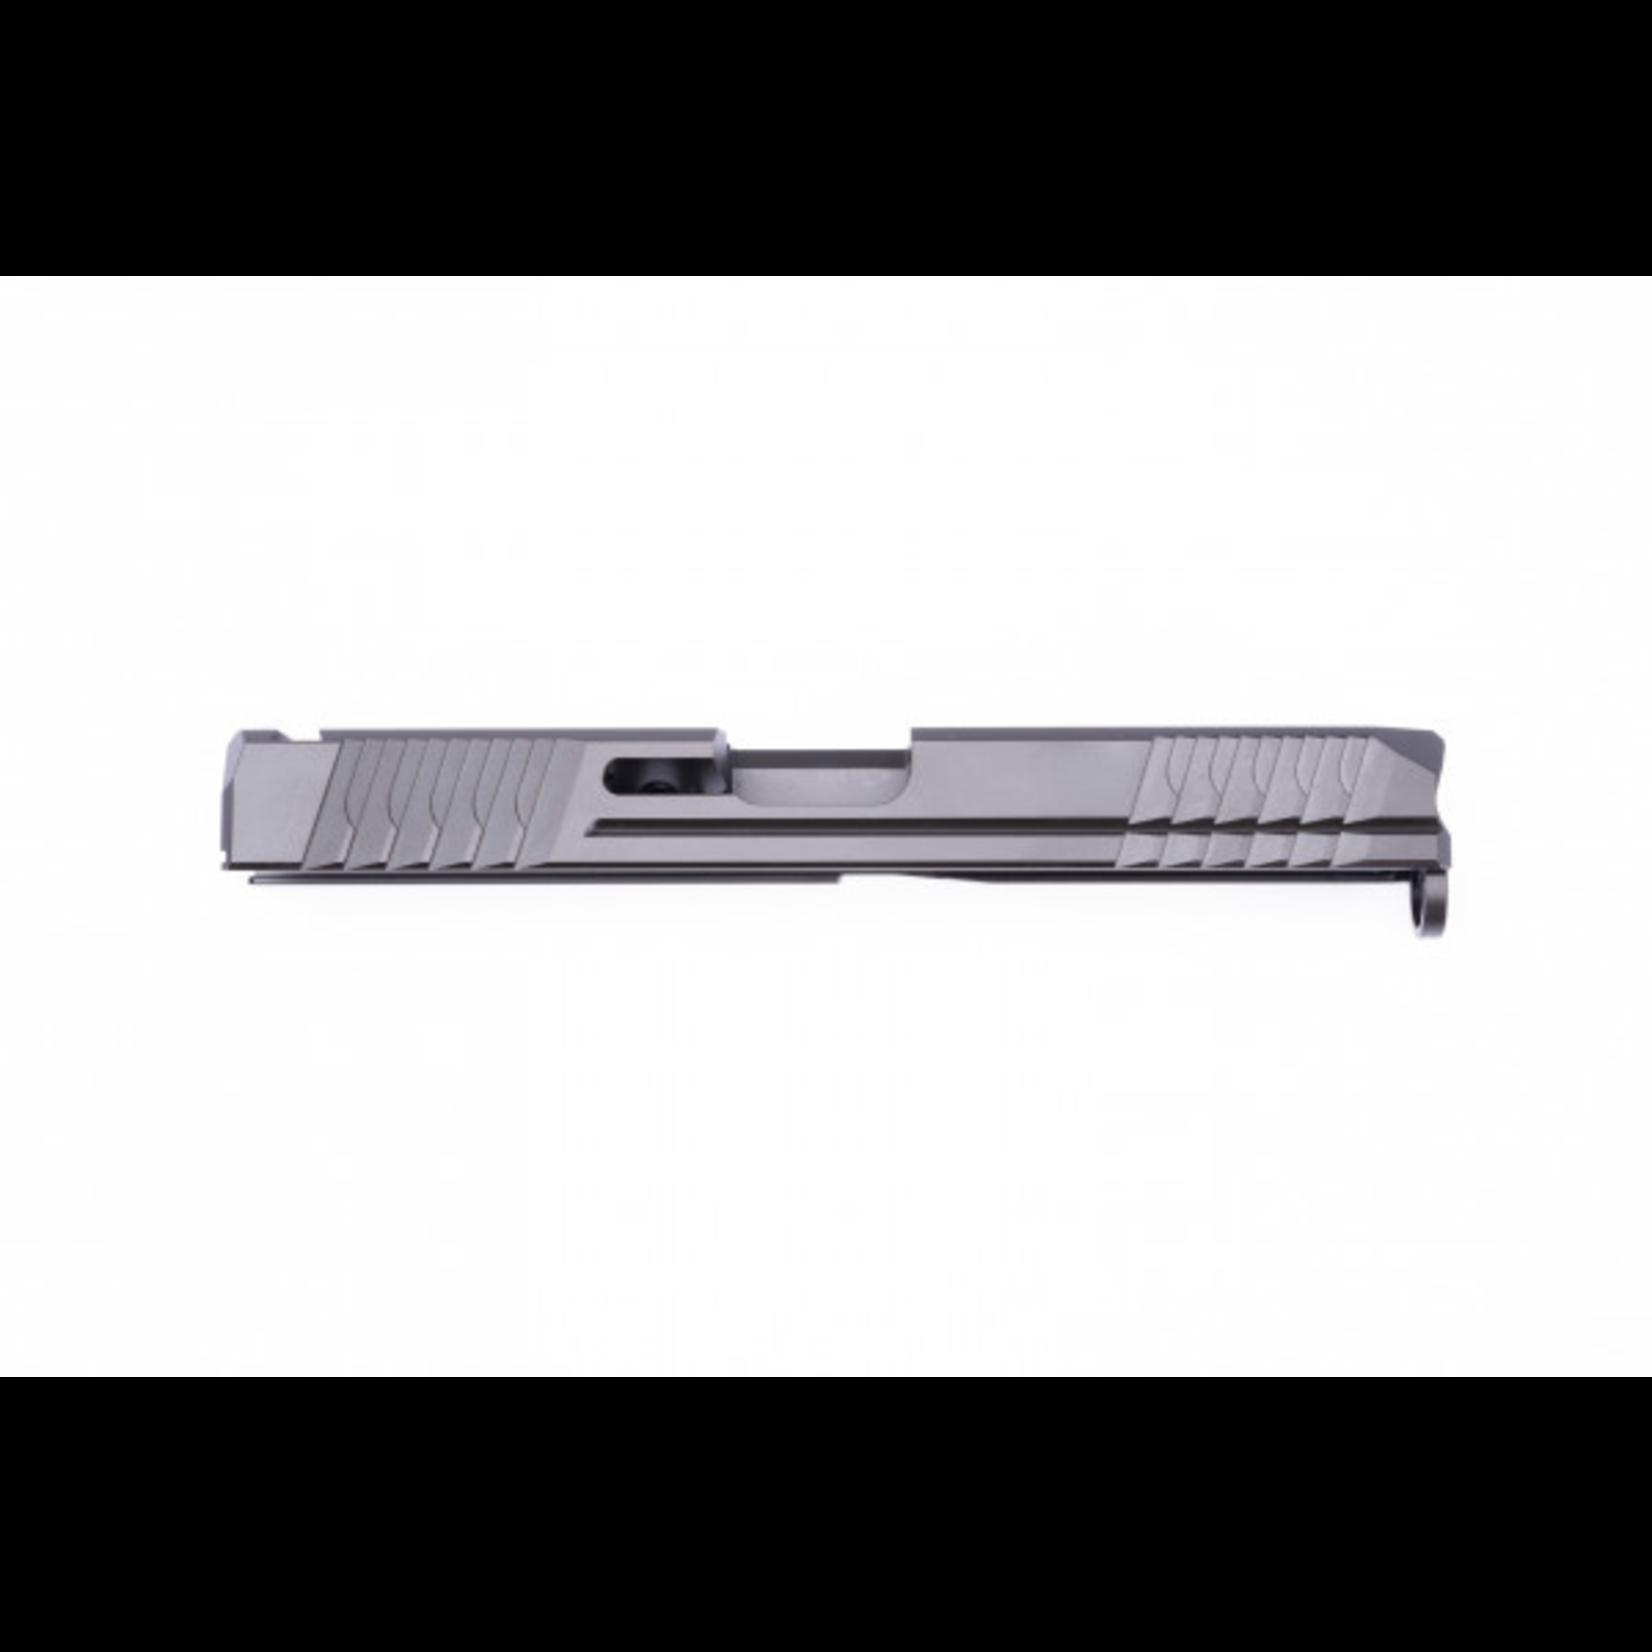 Poly80 P80 G17 Gen 3 Standard Slide Black Nitride